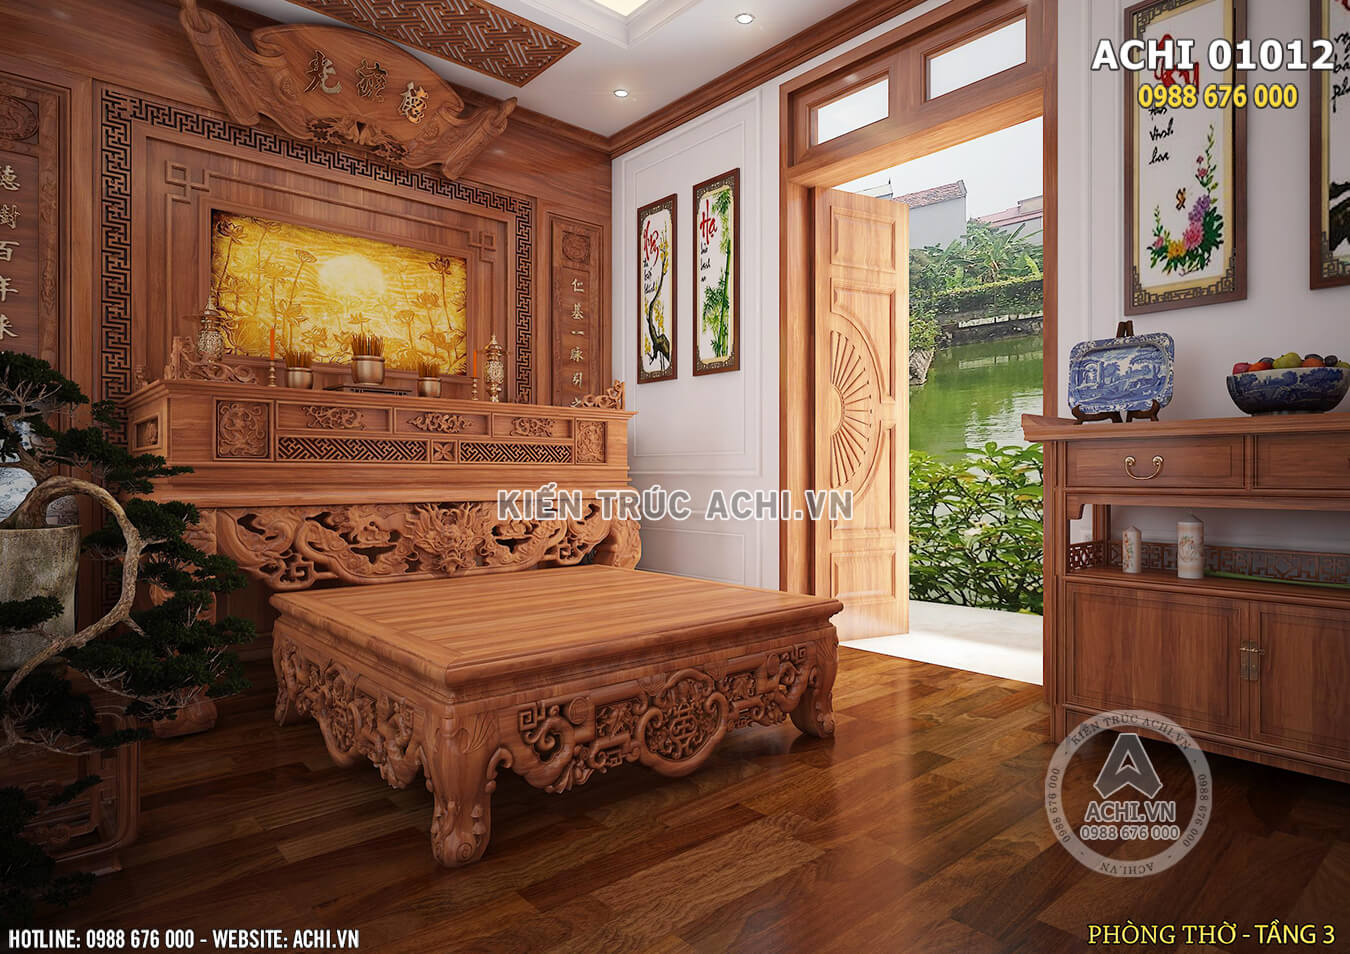 Không gian nội thất phòng thờ được thiết kế tỉ mỉ và tinh tế